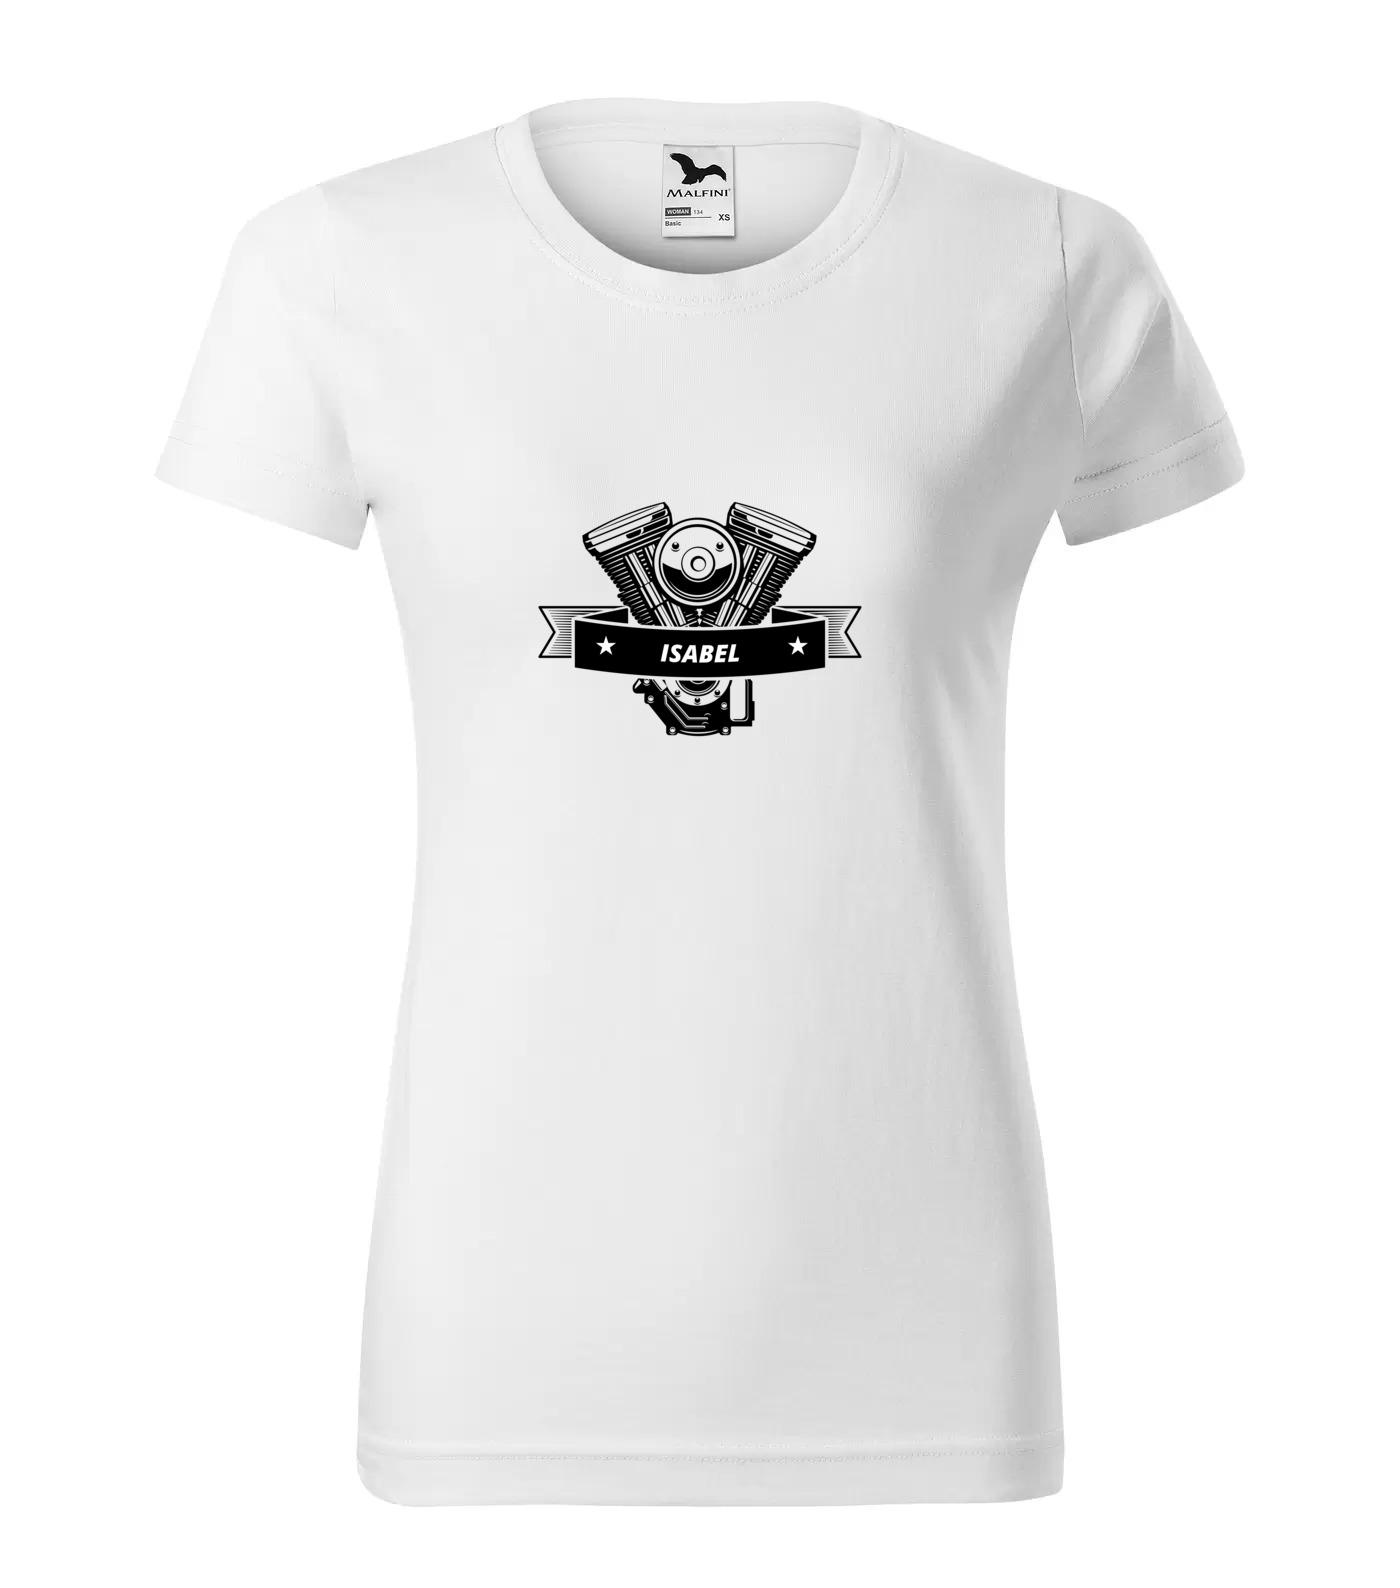 Tričko Motorkářka Isabel